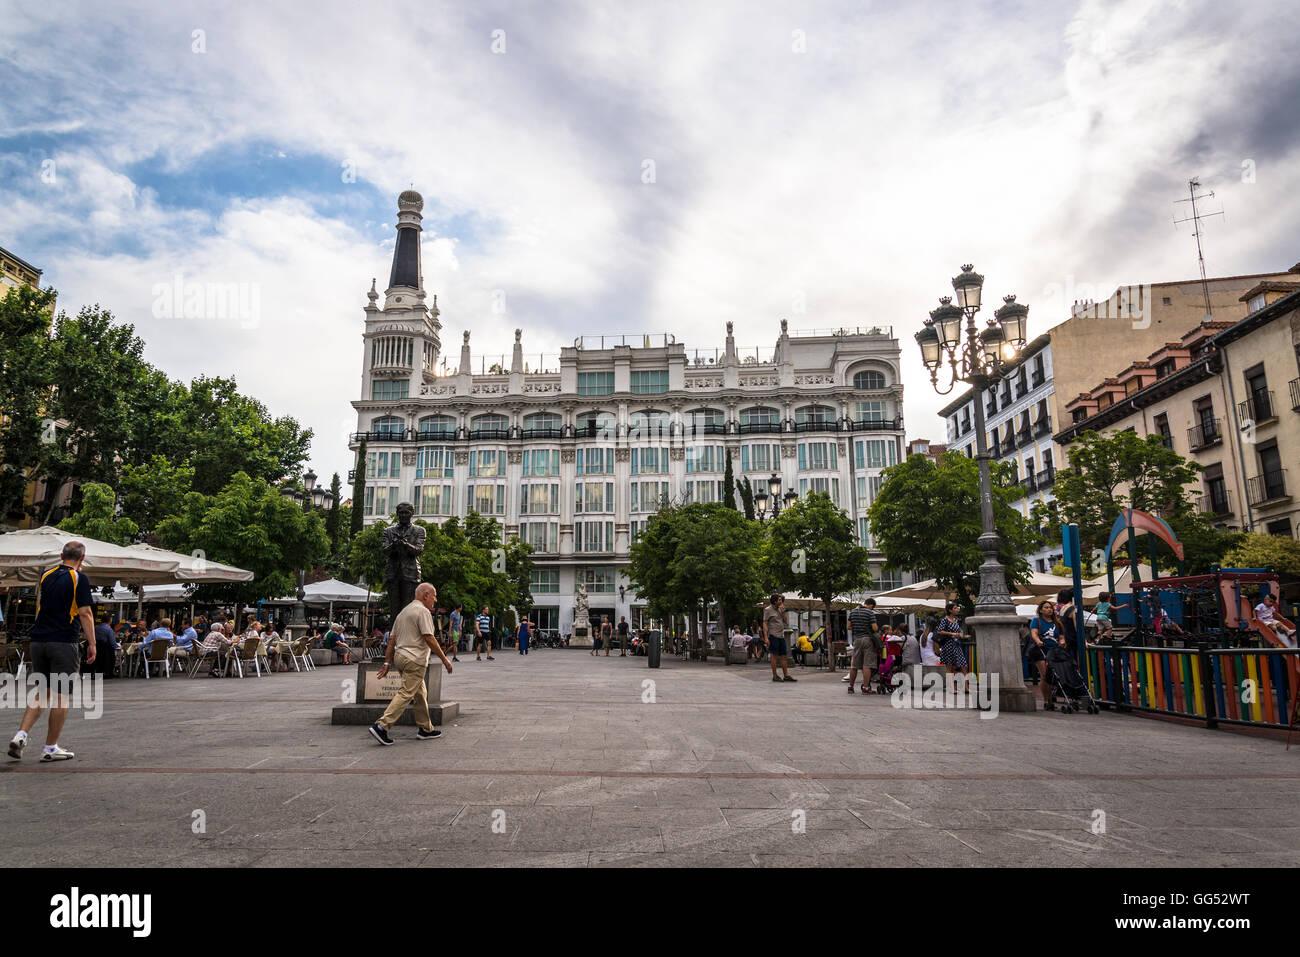 La Plaza De Santa Ana Una Gran Plaza Pública Revestidos Con